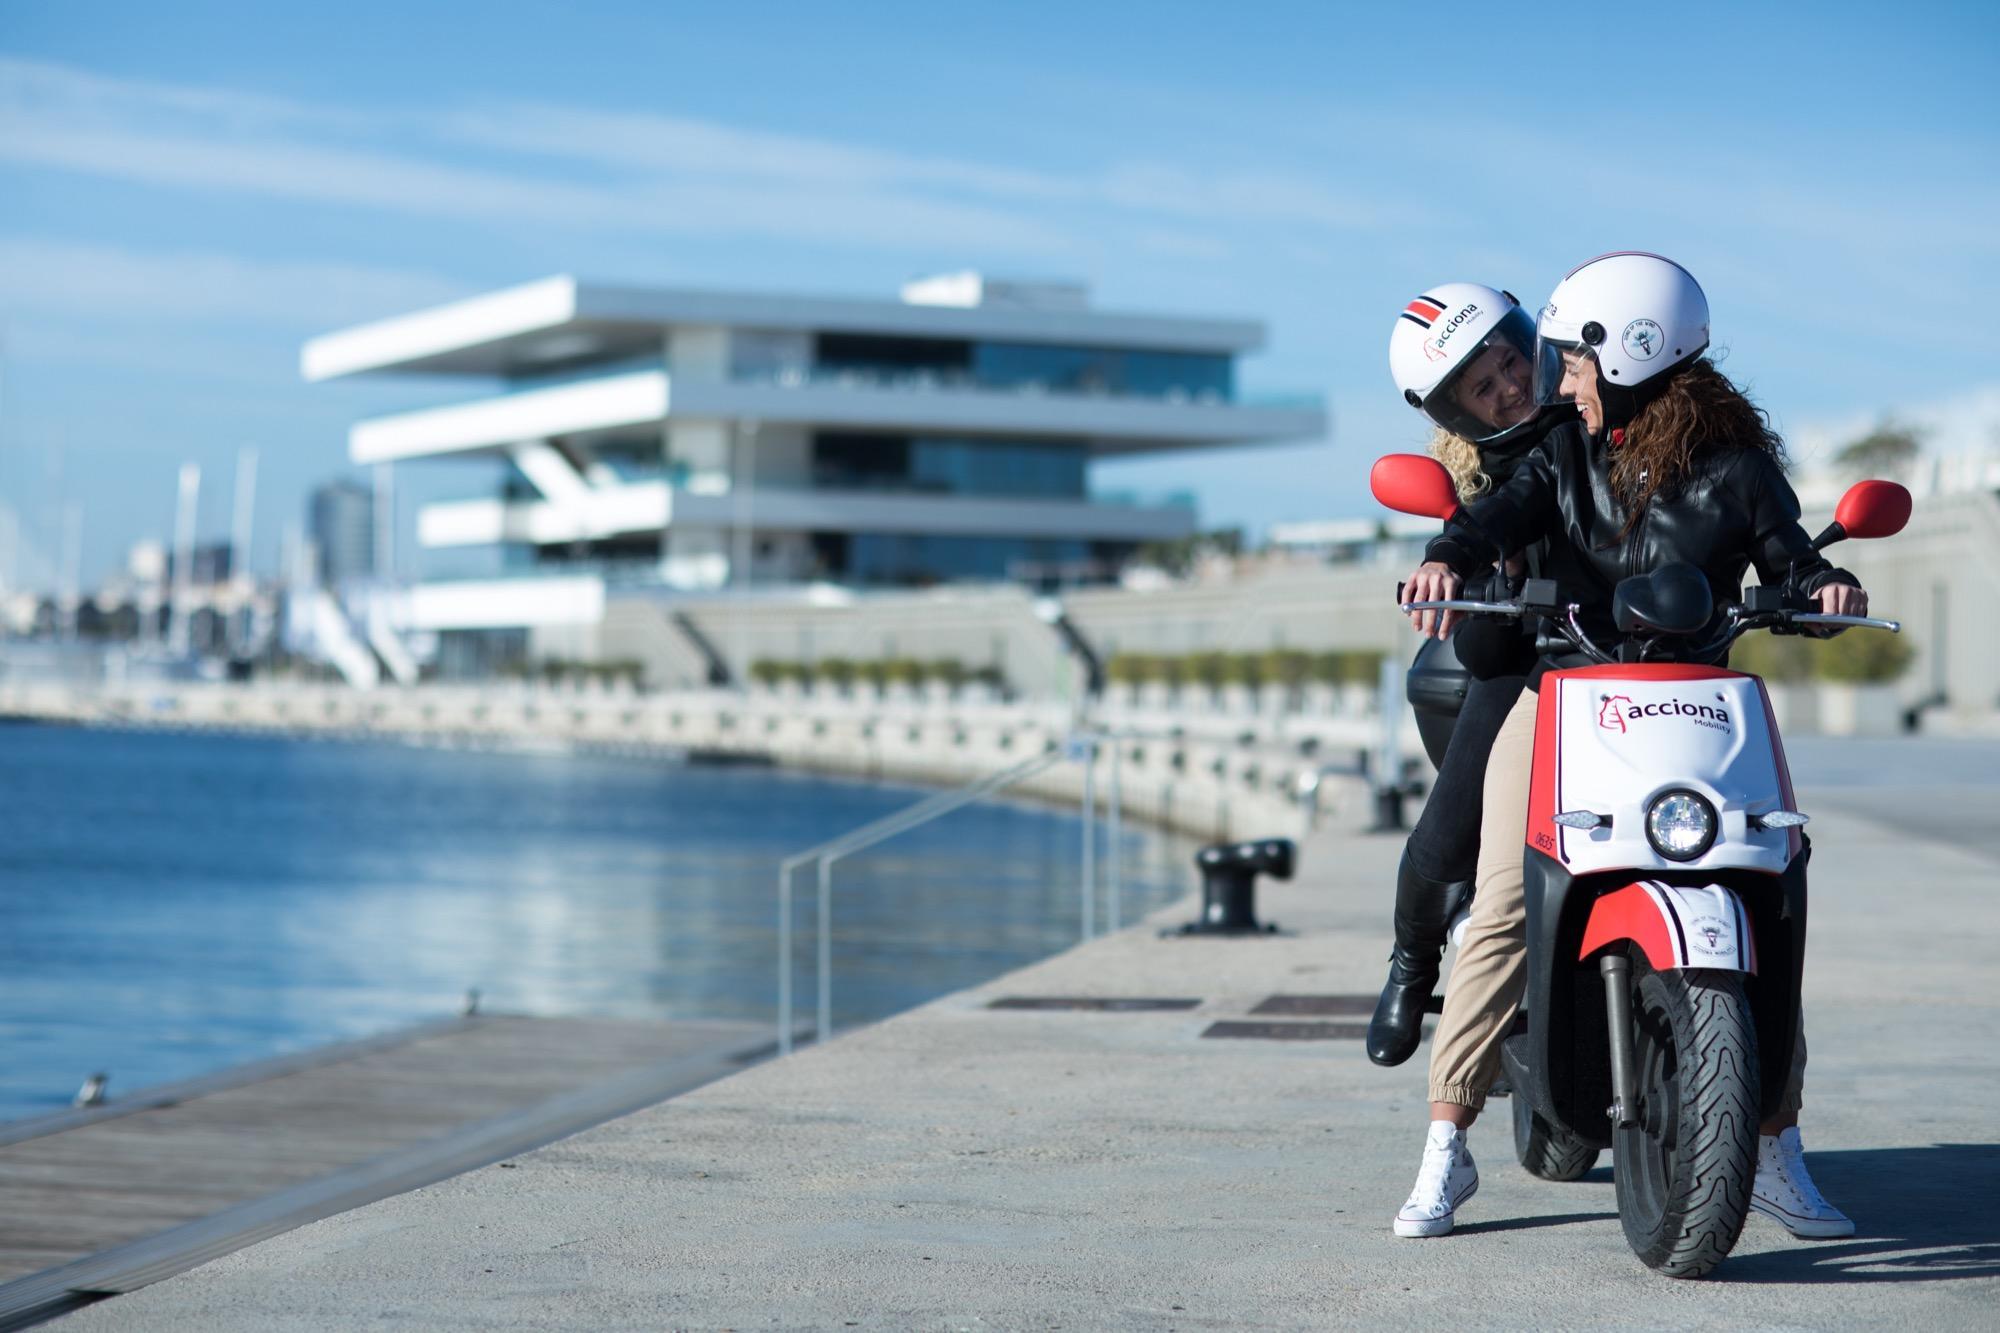 Expansión comercial y motosharing